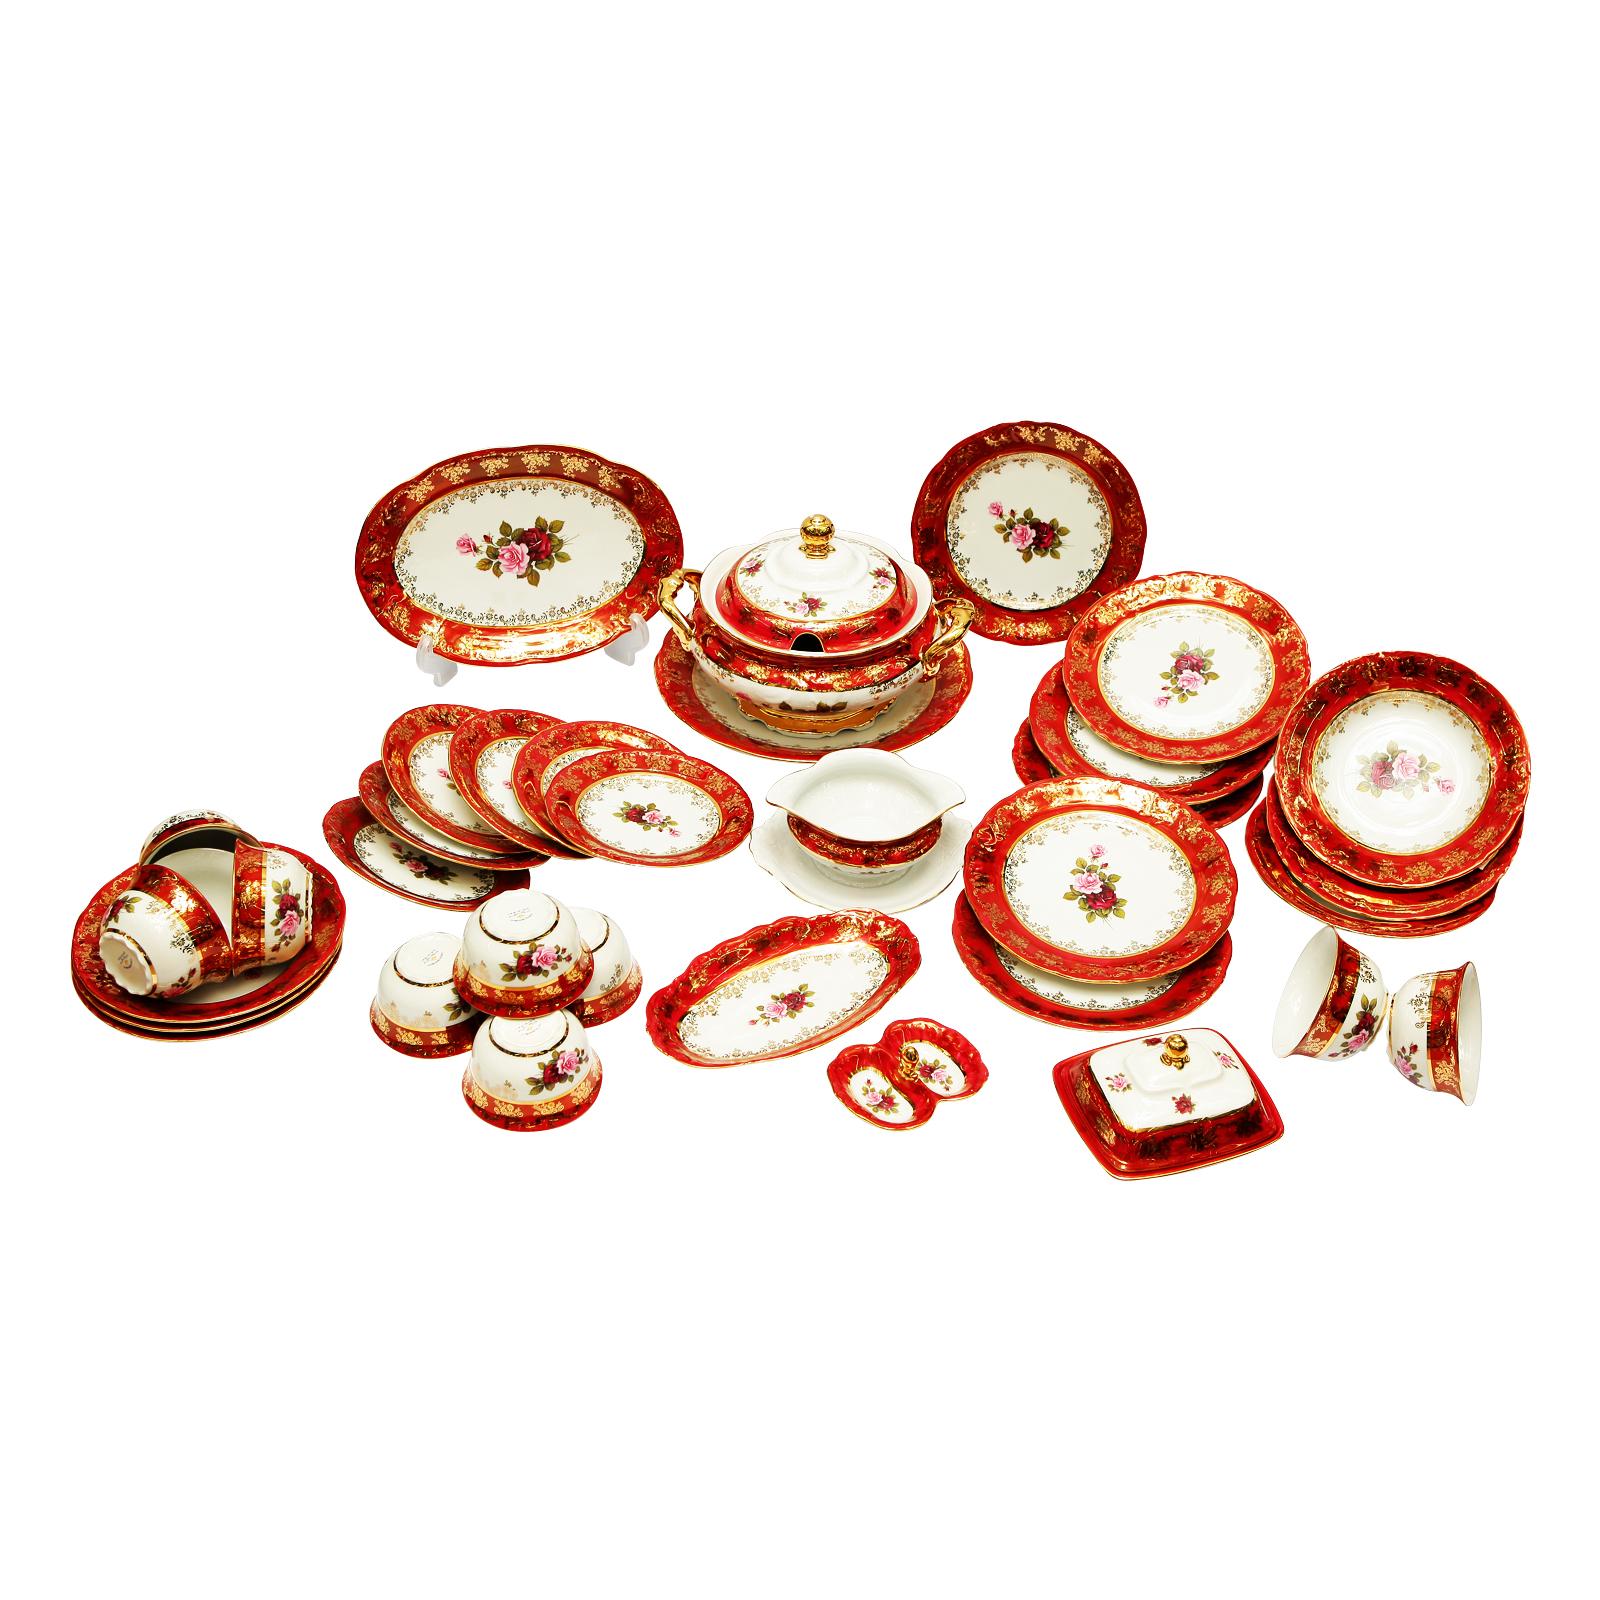 bộ đồ ăn sang chảnh từ Tiệp